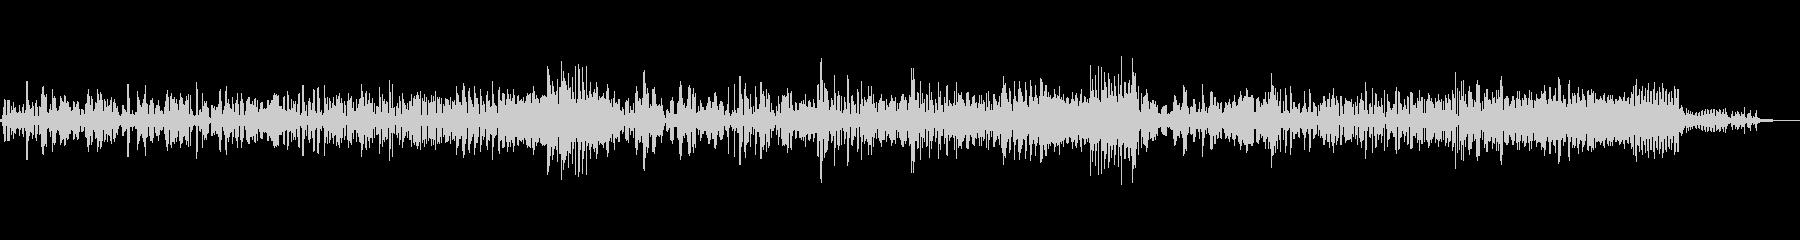 ファミコン レベルアップ 3連続の未再生の波形